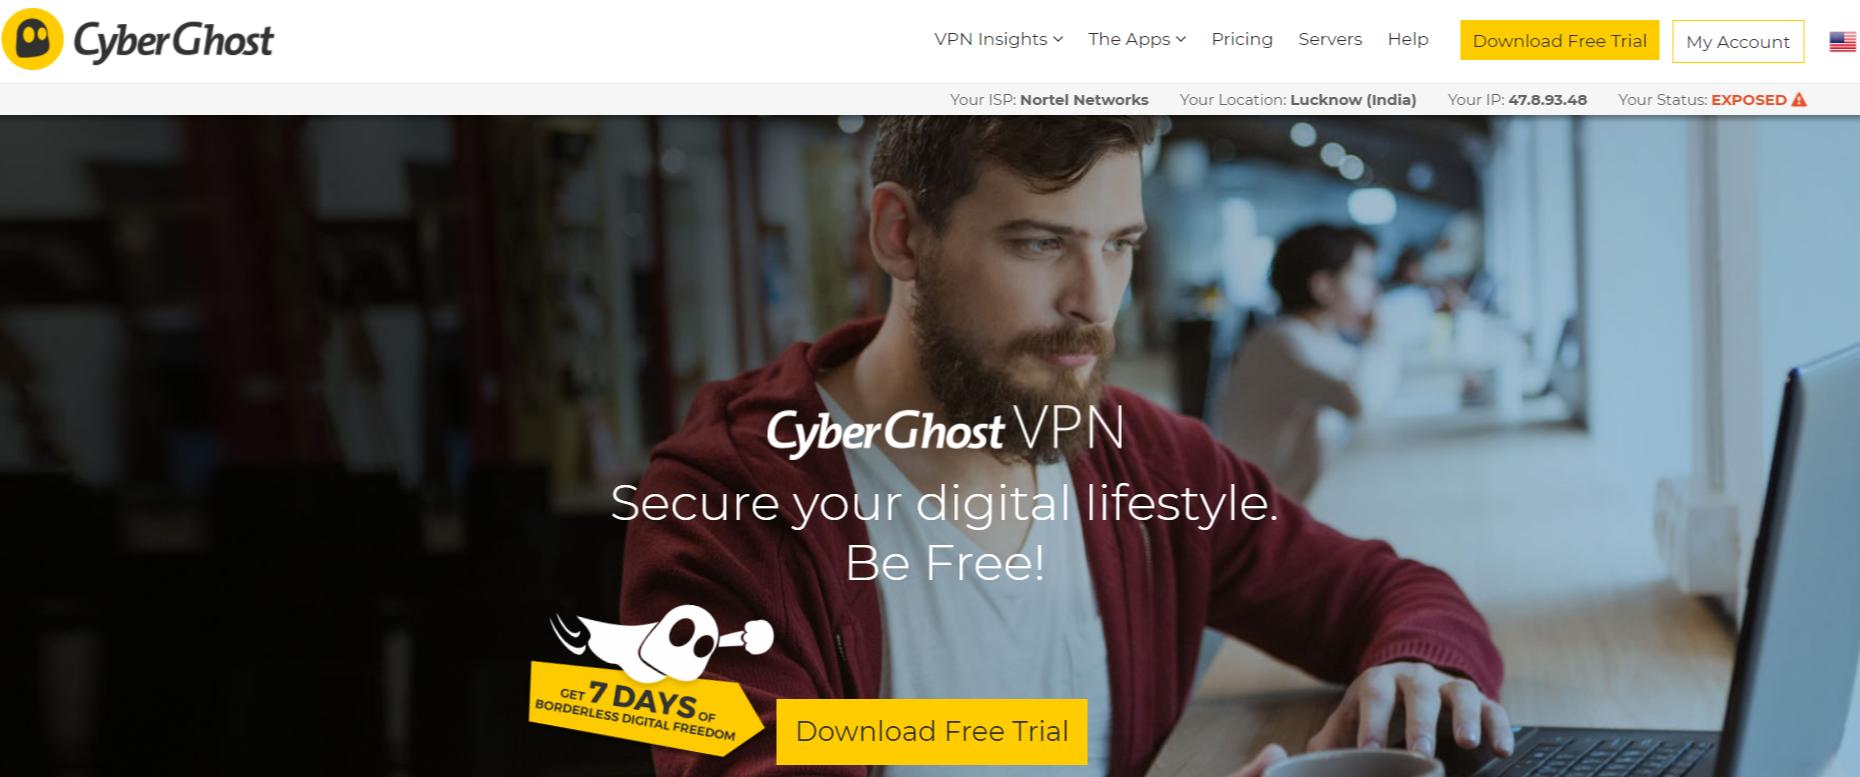 CyberGhost VPN- Best VPN For Qatar